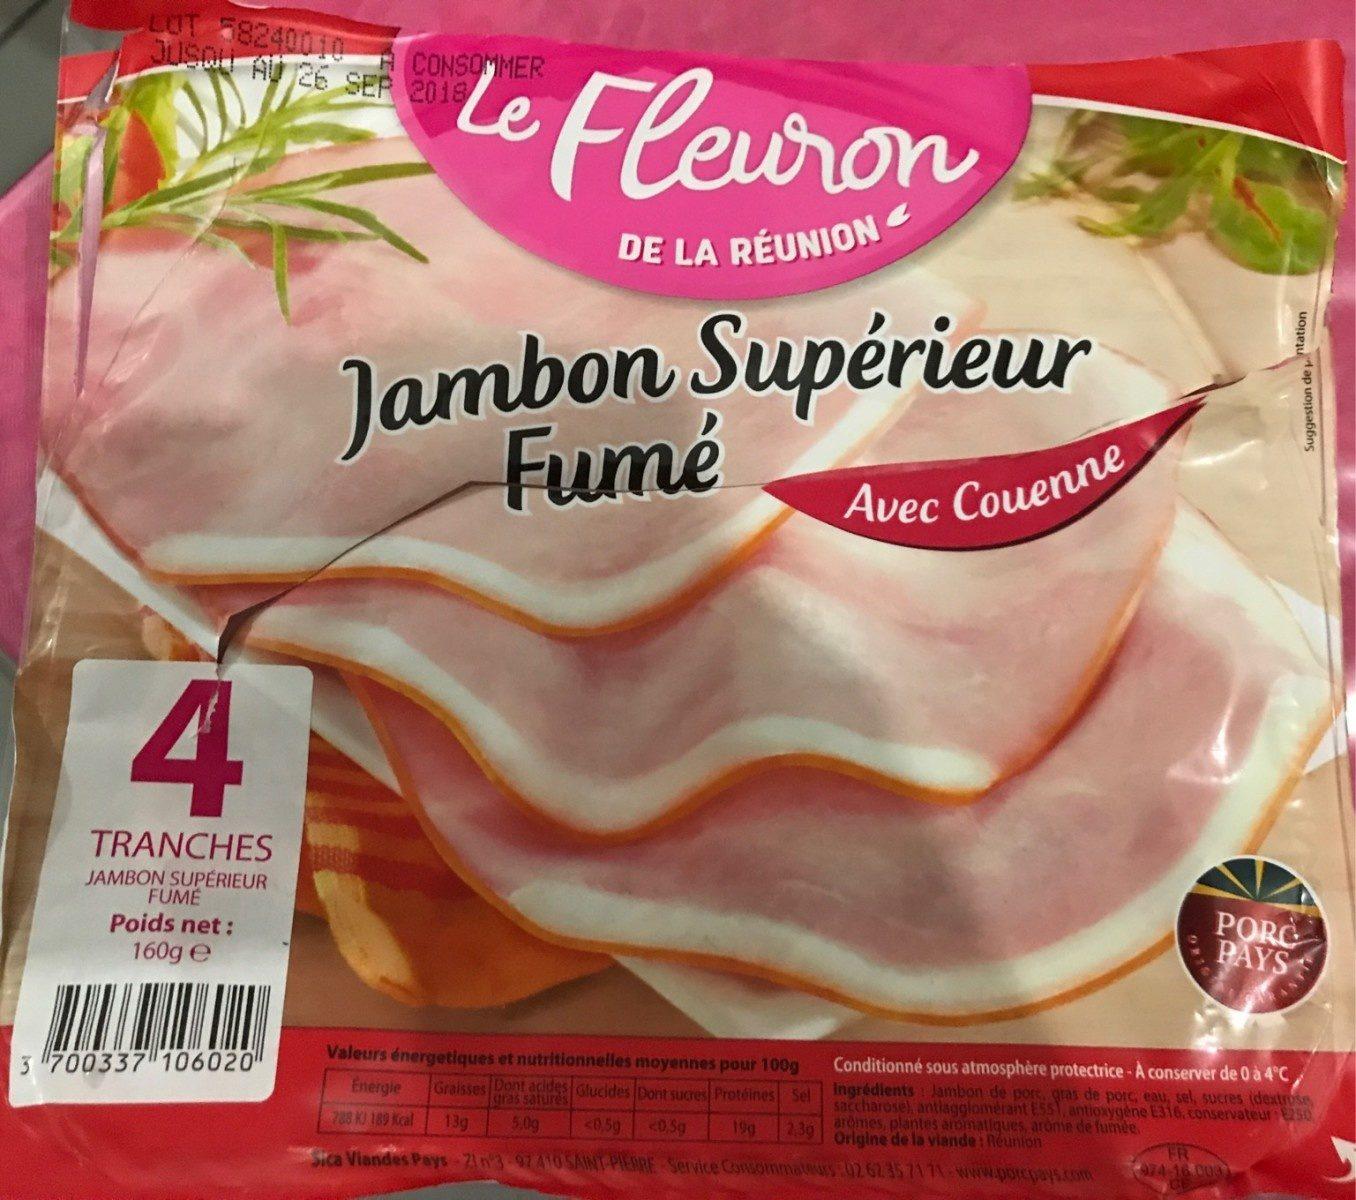 Jambon superieur fumé - Produit - fr